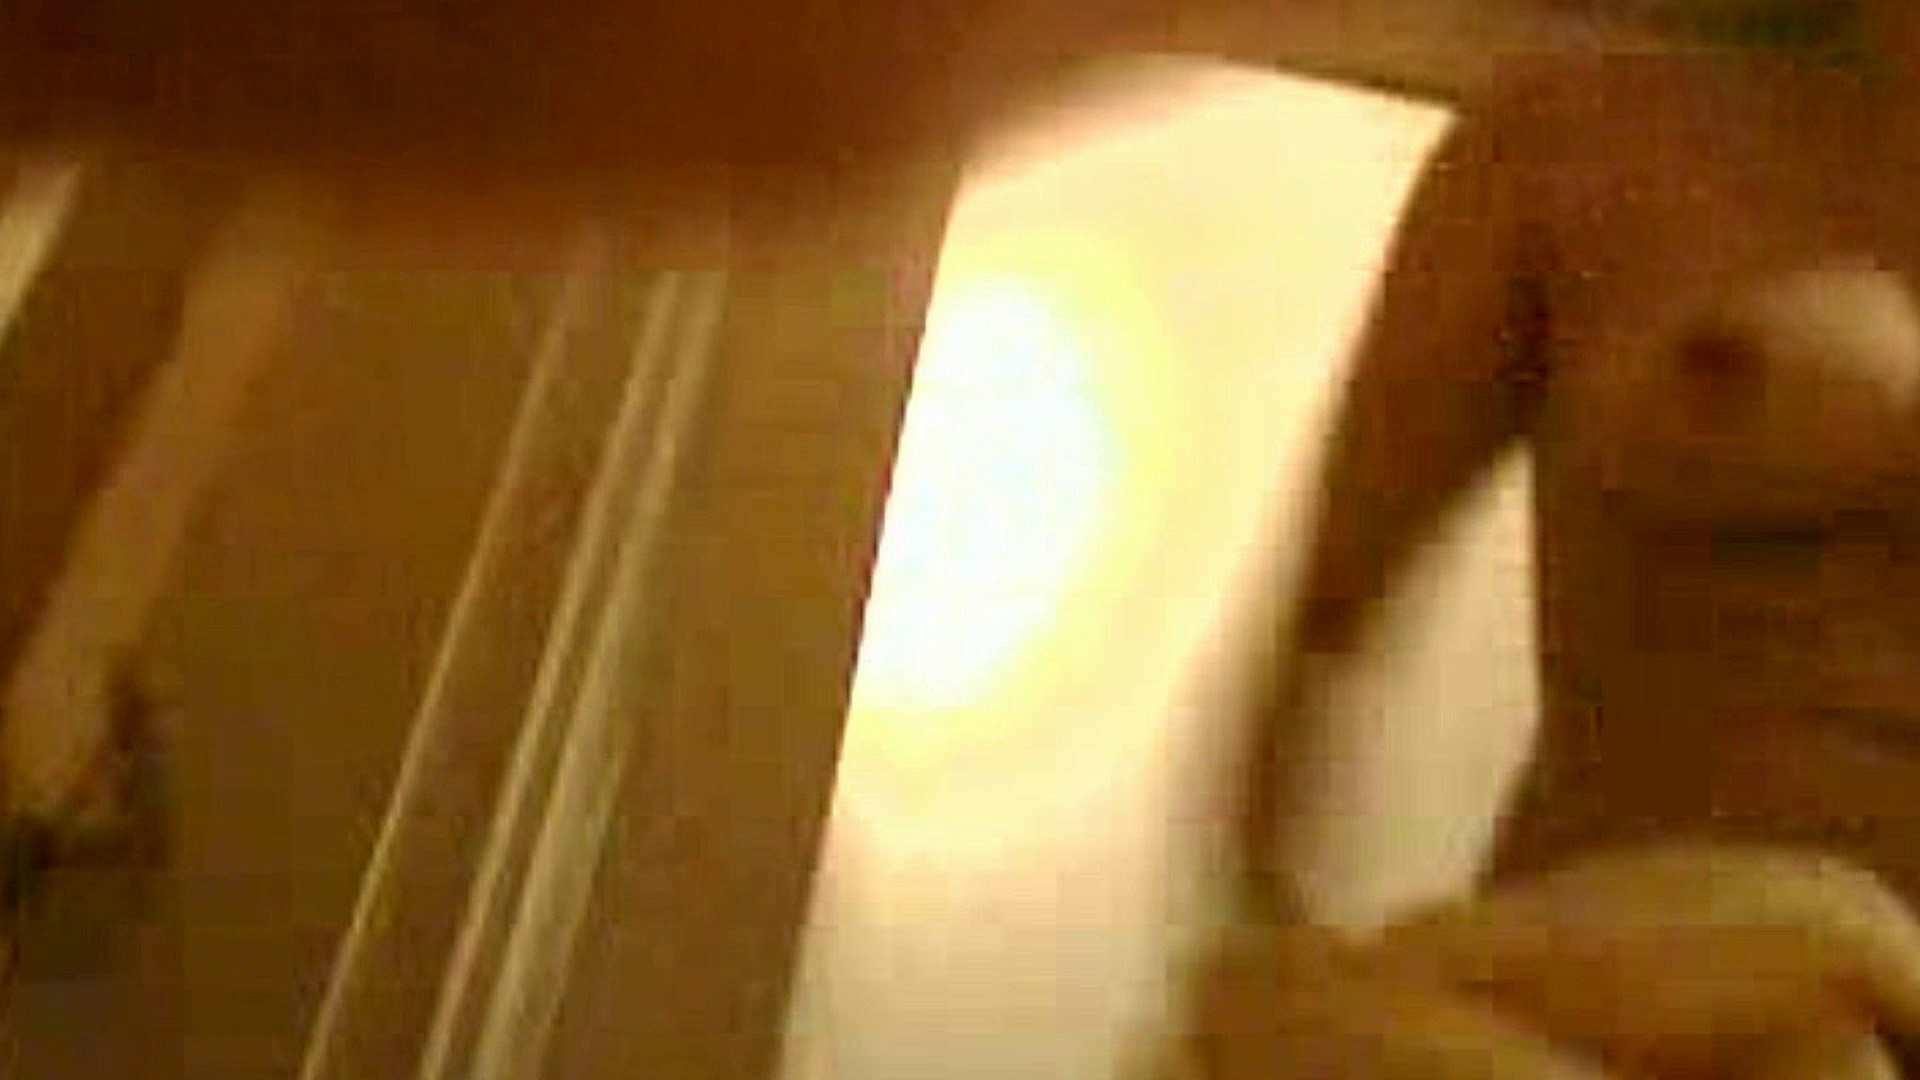 ▲復活限定D▲ややぽちゃ童顔の カナちゃん Vol.03 脱衣編 OLの実態  99pic 98